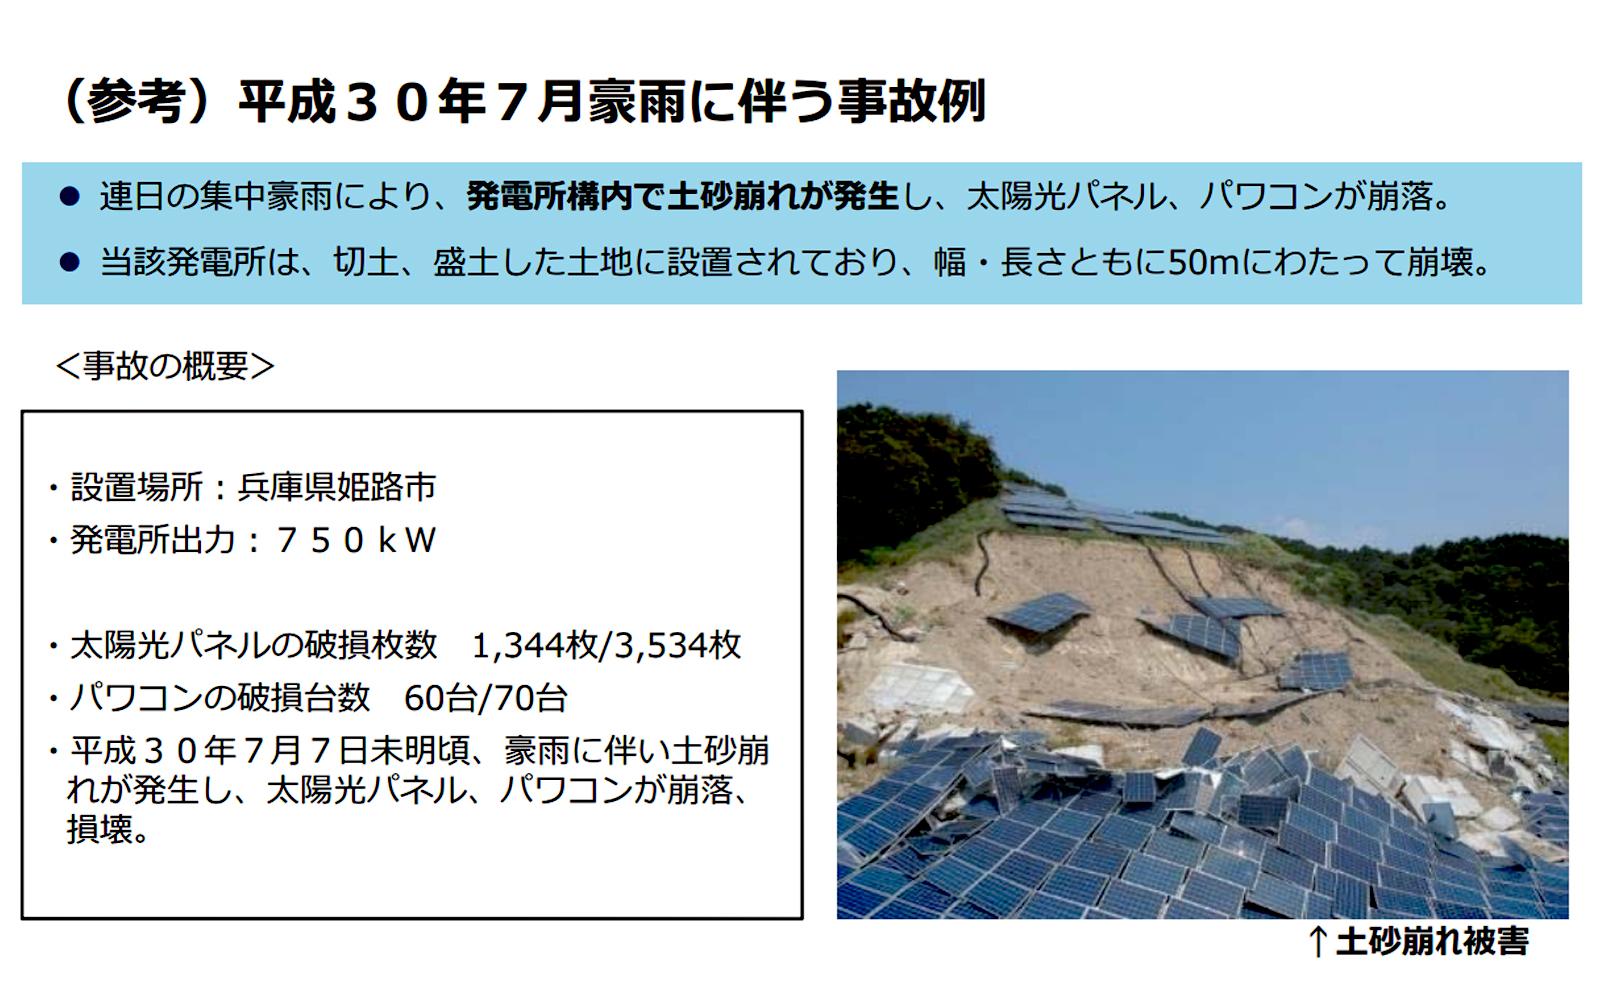 図 太陽光発電所の事故例(出典:経済産業省 第14回新エネルギー発電設備事故対応・構造強度ワーキンググループ 資料1